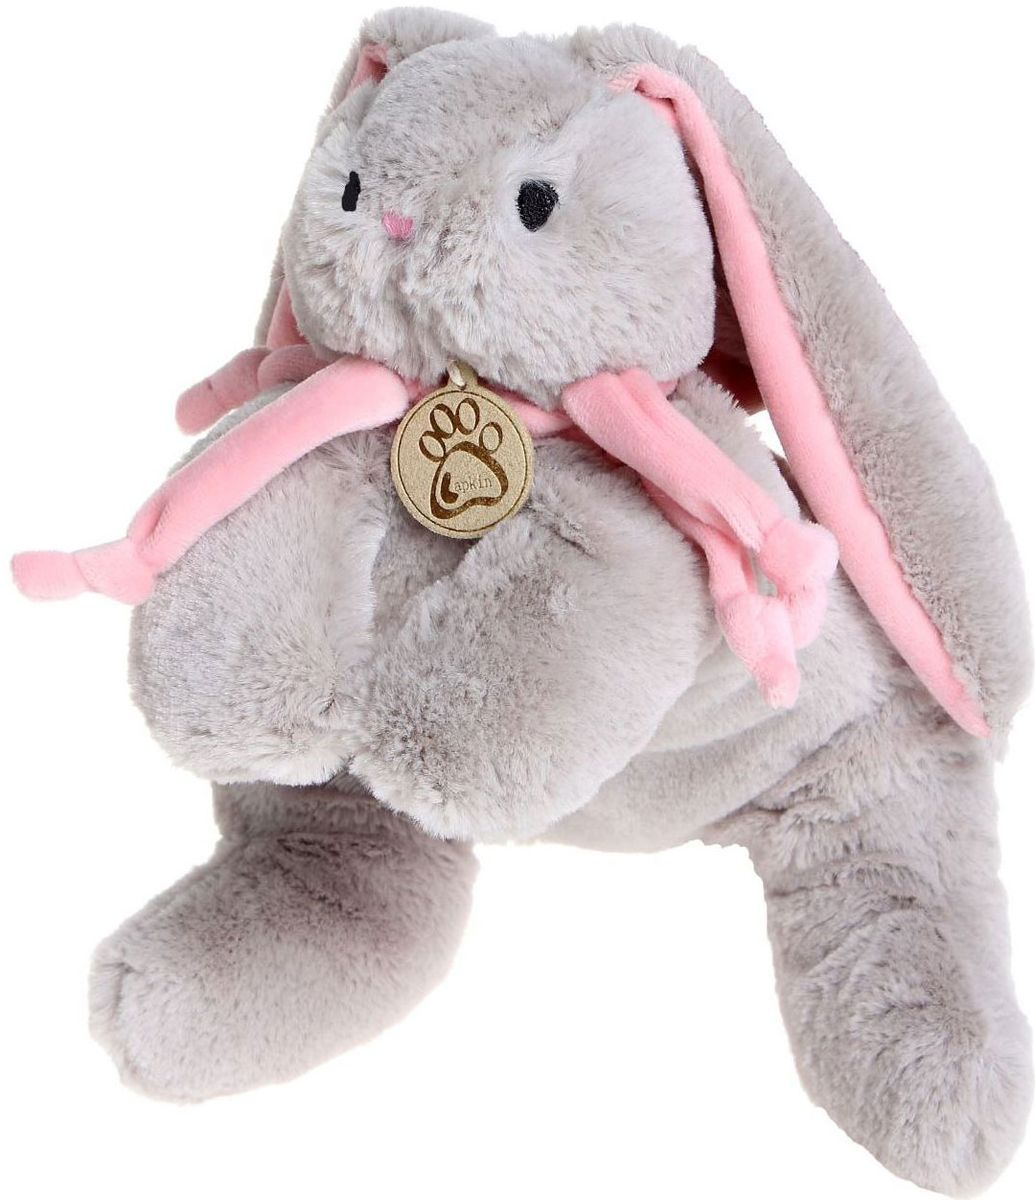 Sima-land Мягкая игрушка Кролик цвет серый 30 см sima land мягкая игрушка пингвинчик 30 см